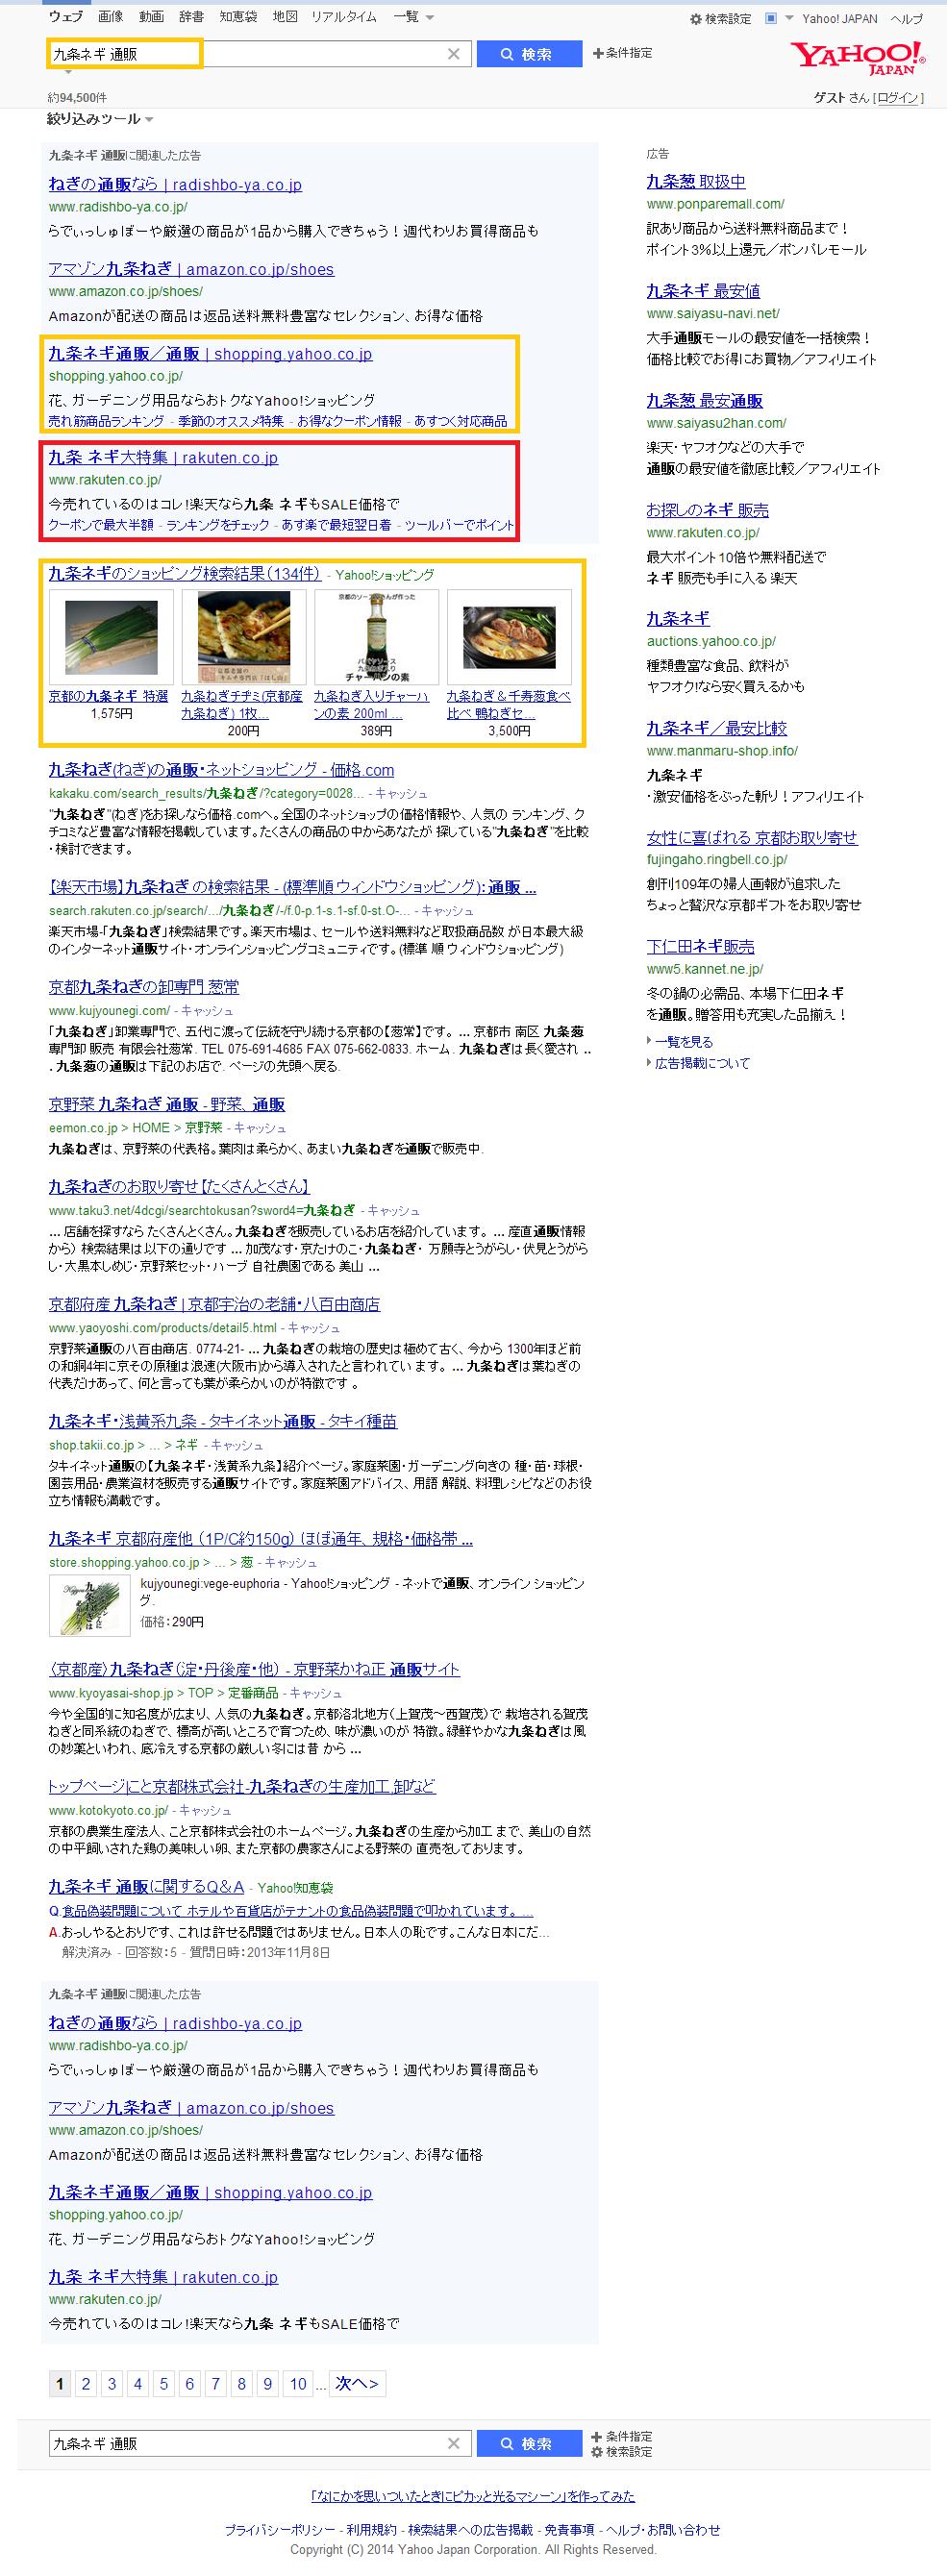 「九条ネギ 通販」の検索結果   Yahoo 検索_1.png